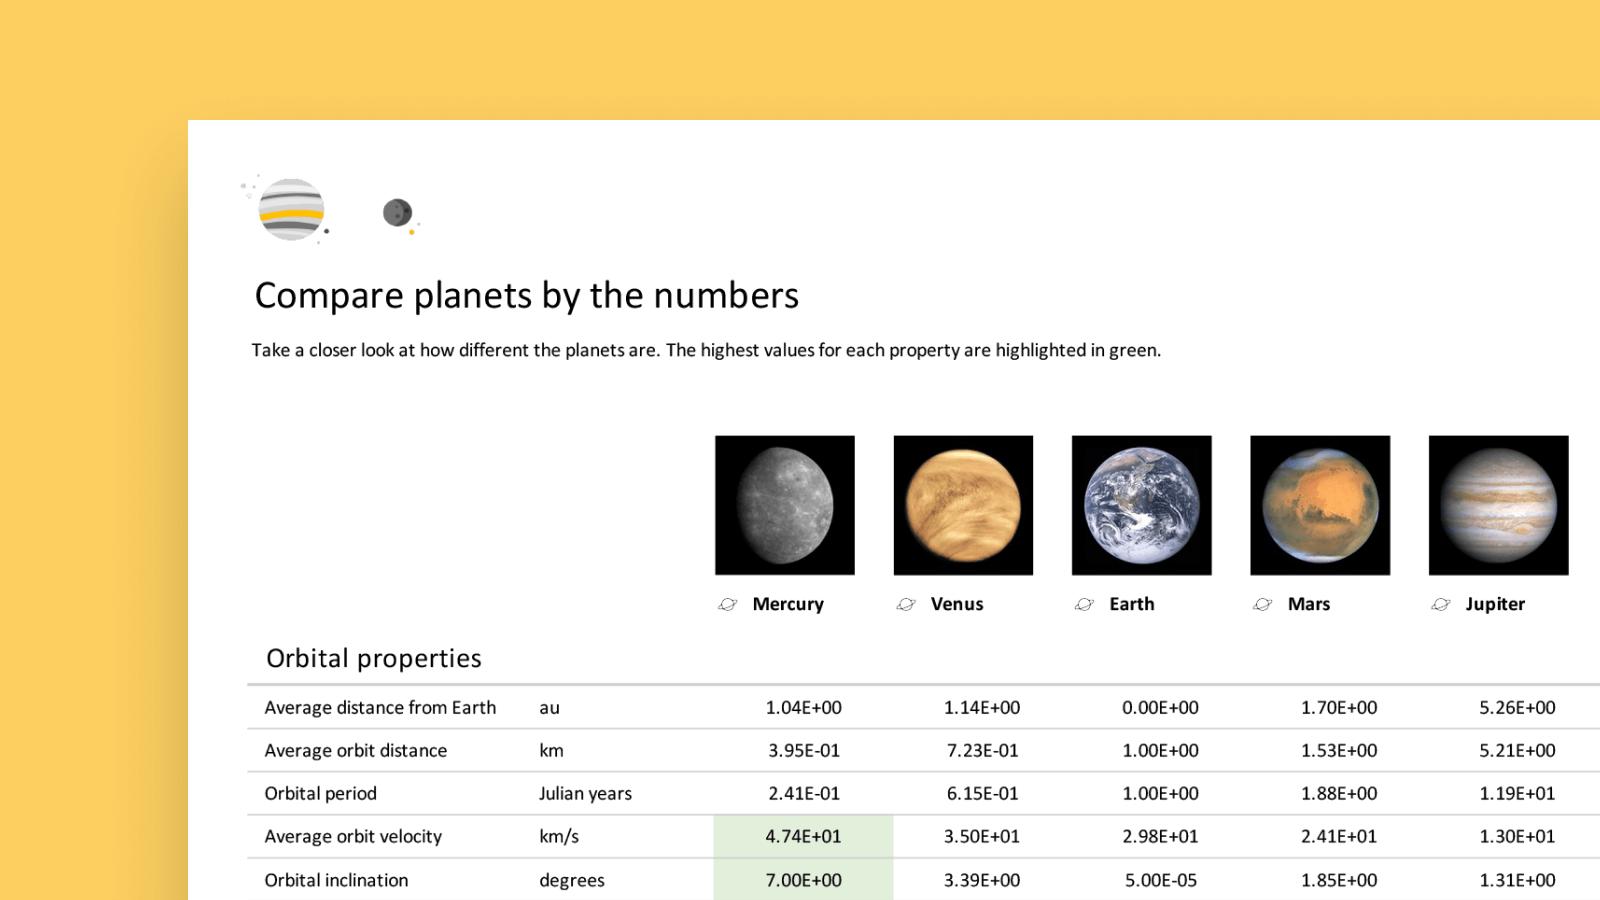 schermafbeelding van het sjabloon The Planet